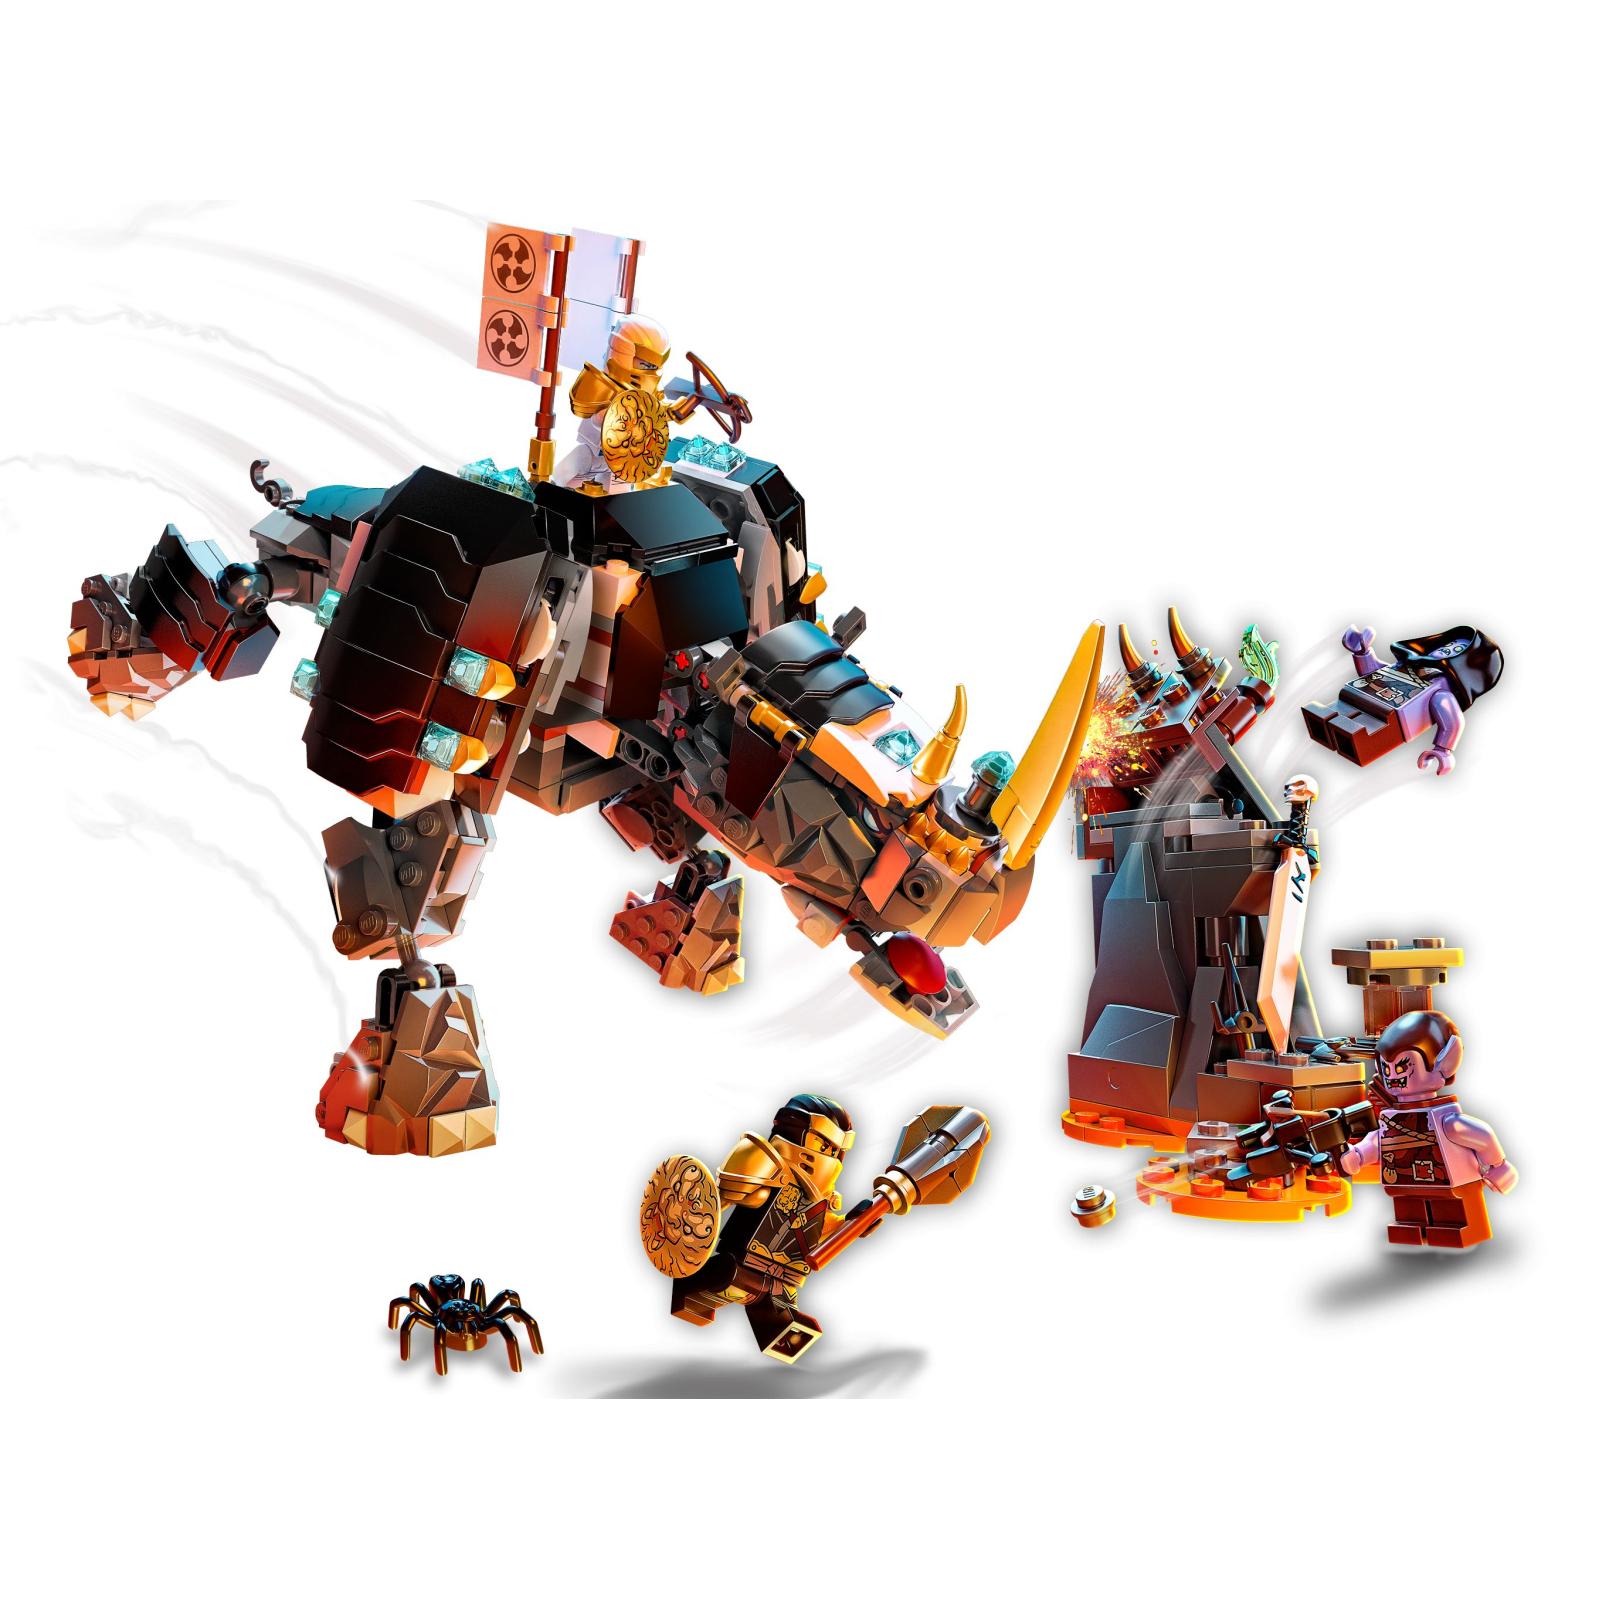 Конструктор LEGO Ninjago Бронированный носорог Зейна 616 деталей (71719) изображение 3